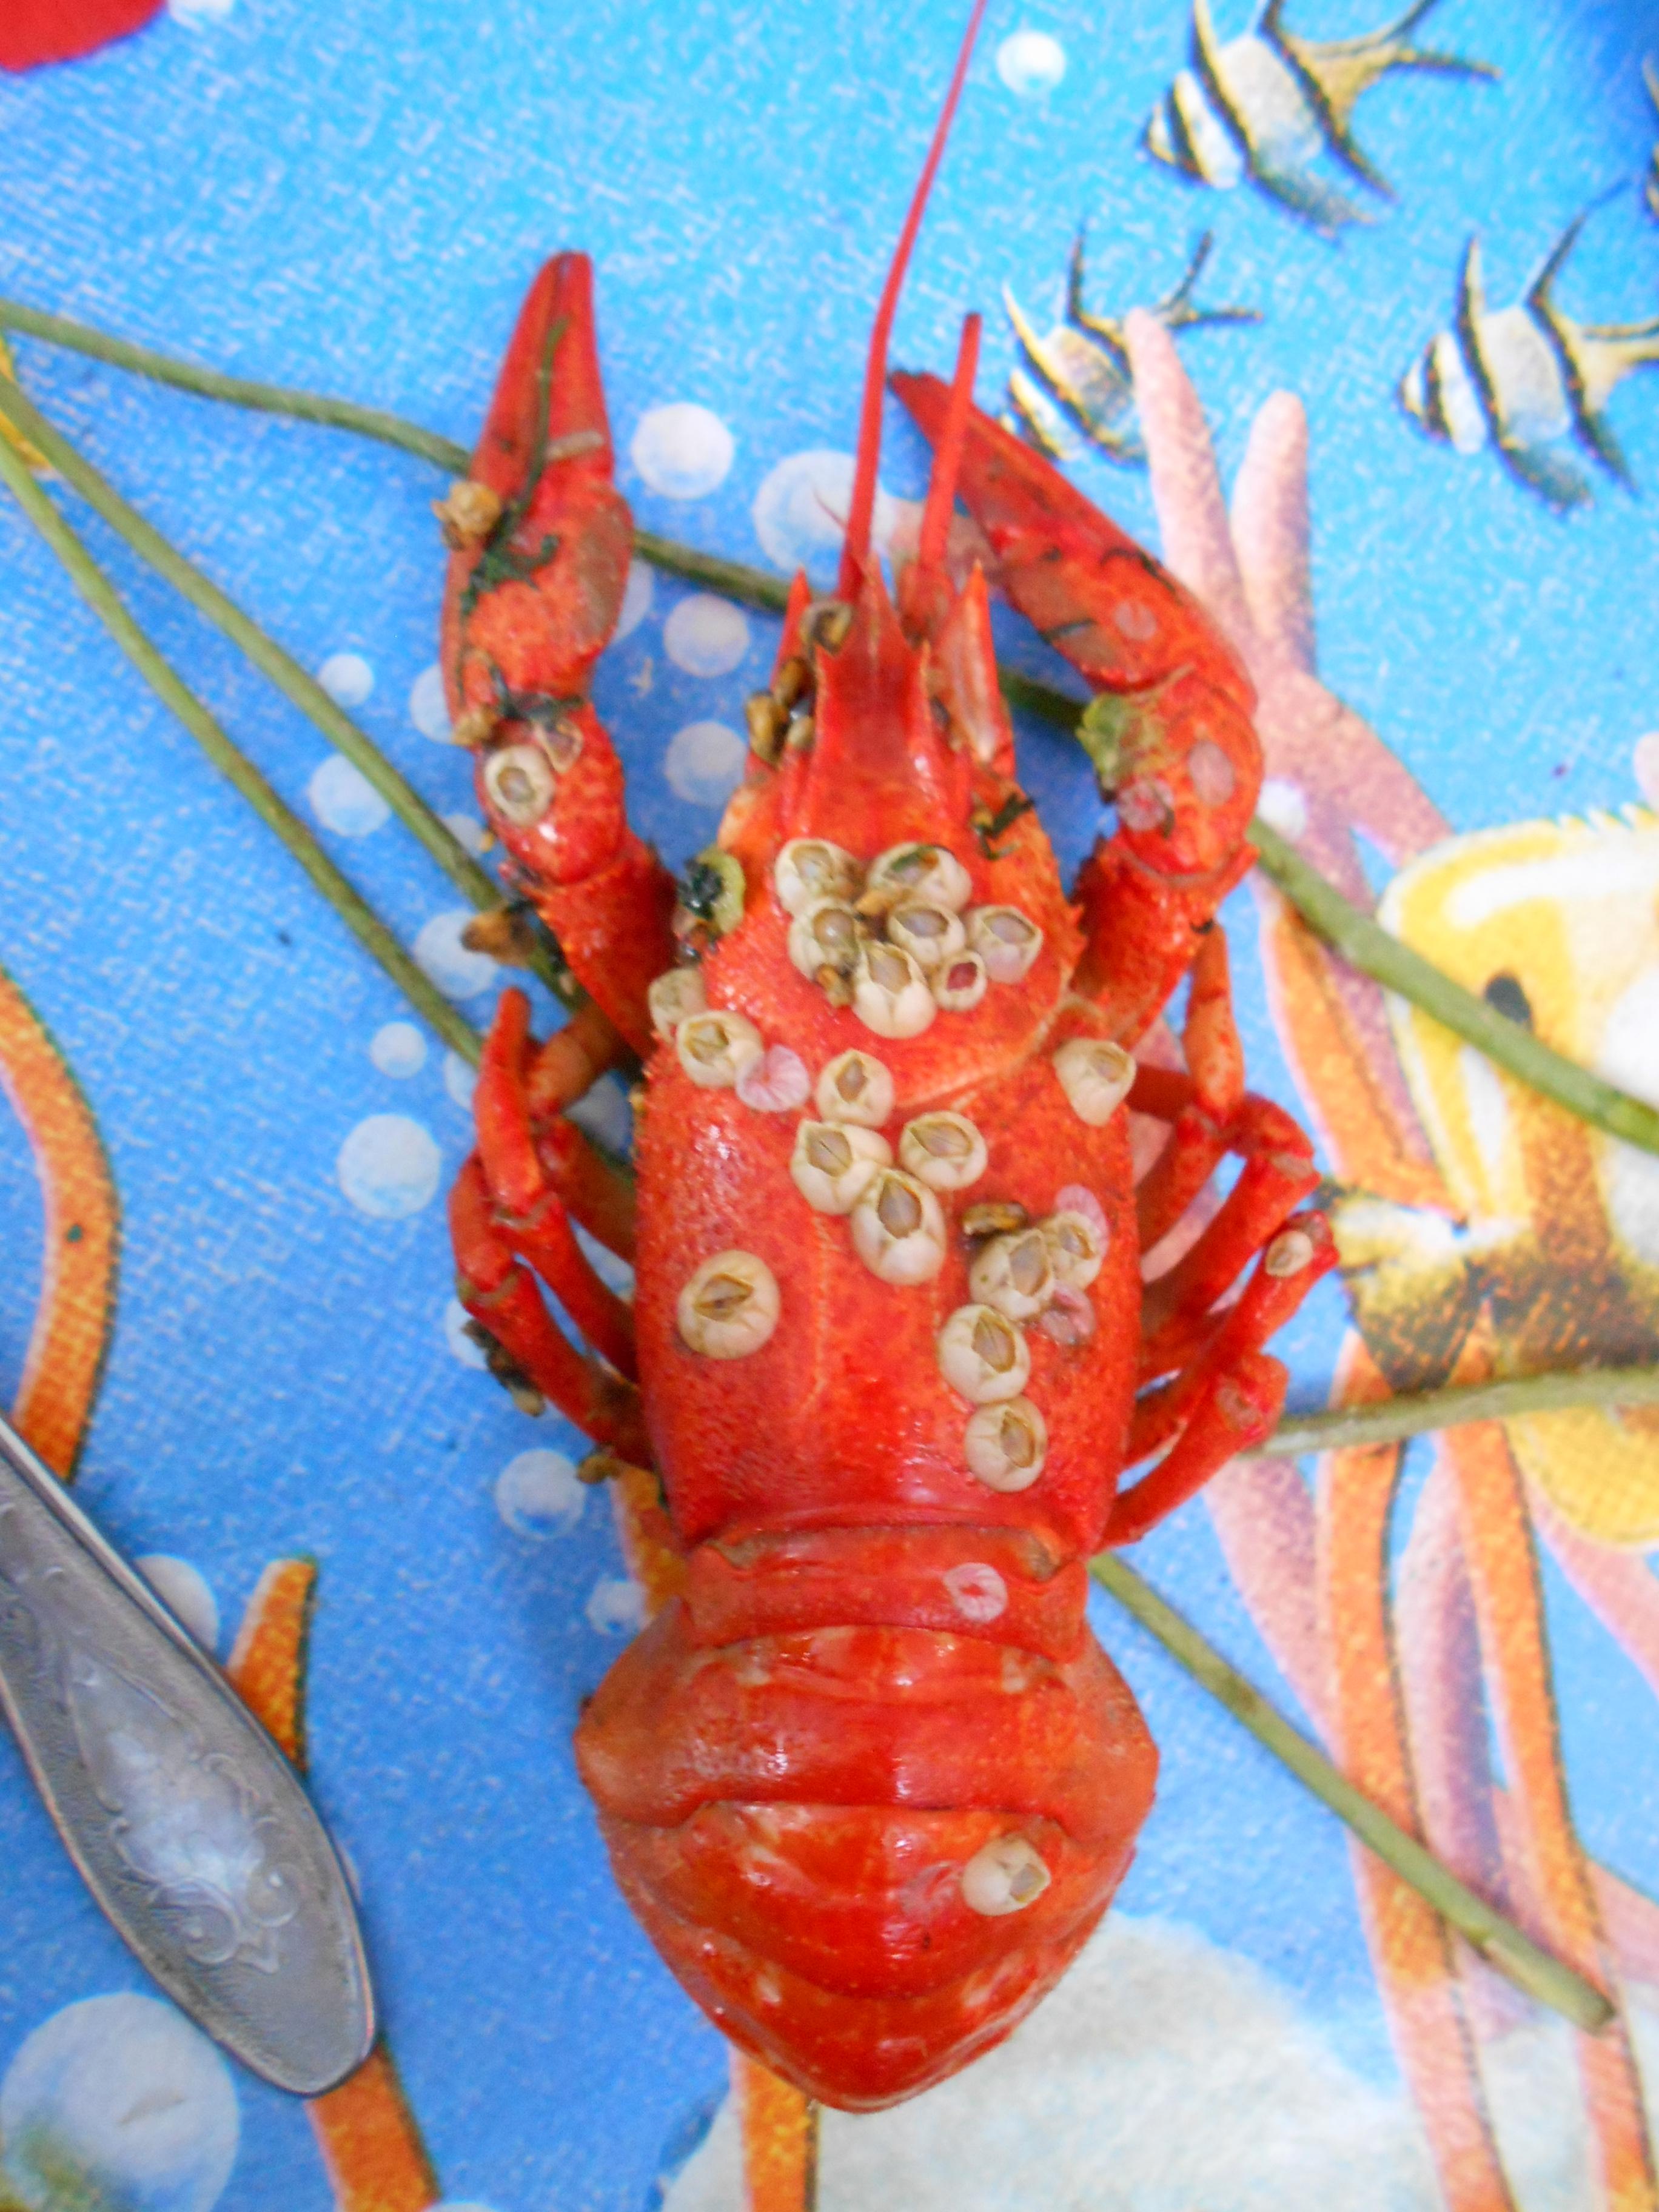 Freshwater crayfish covered with Balanomorpha